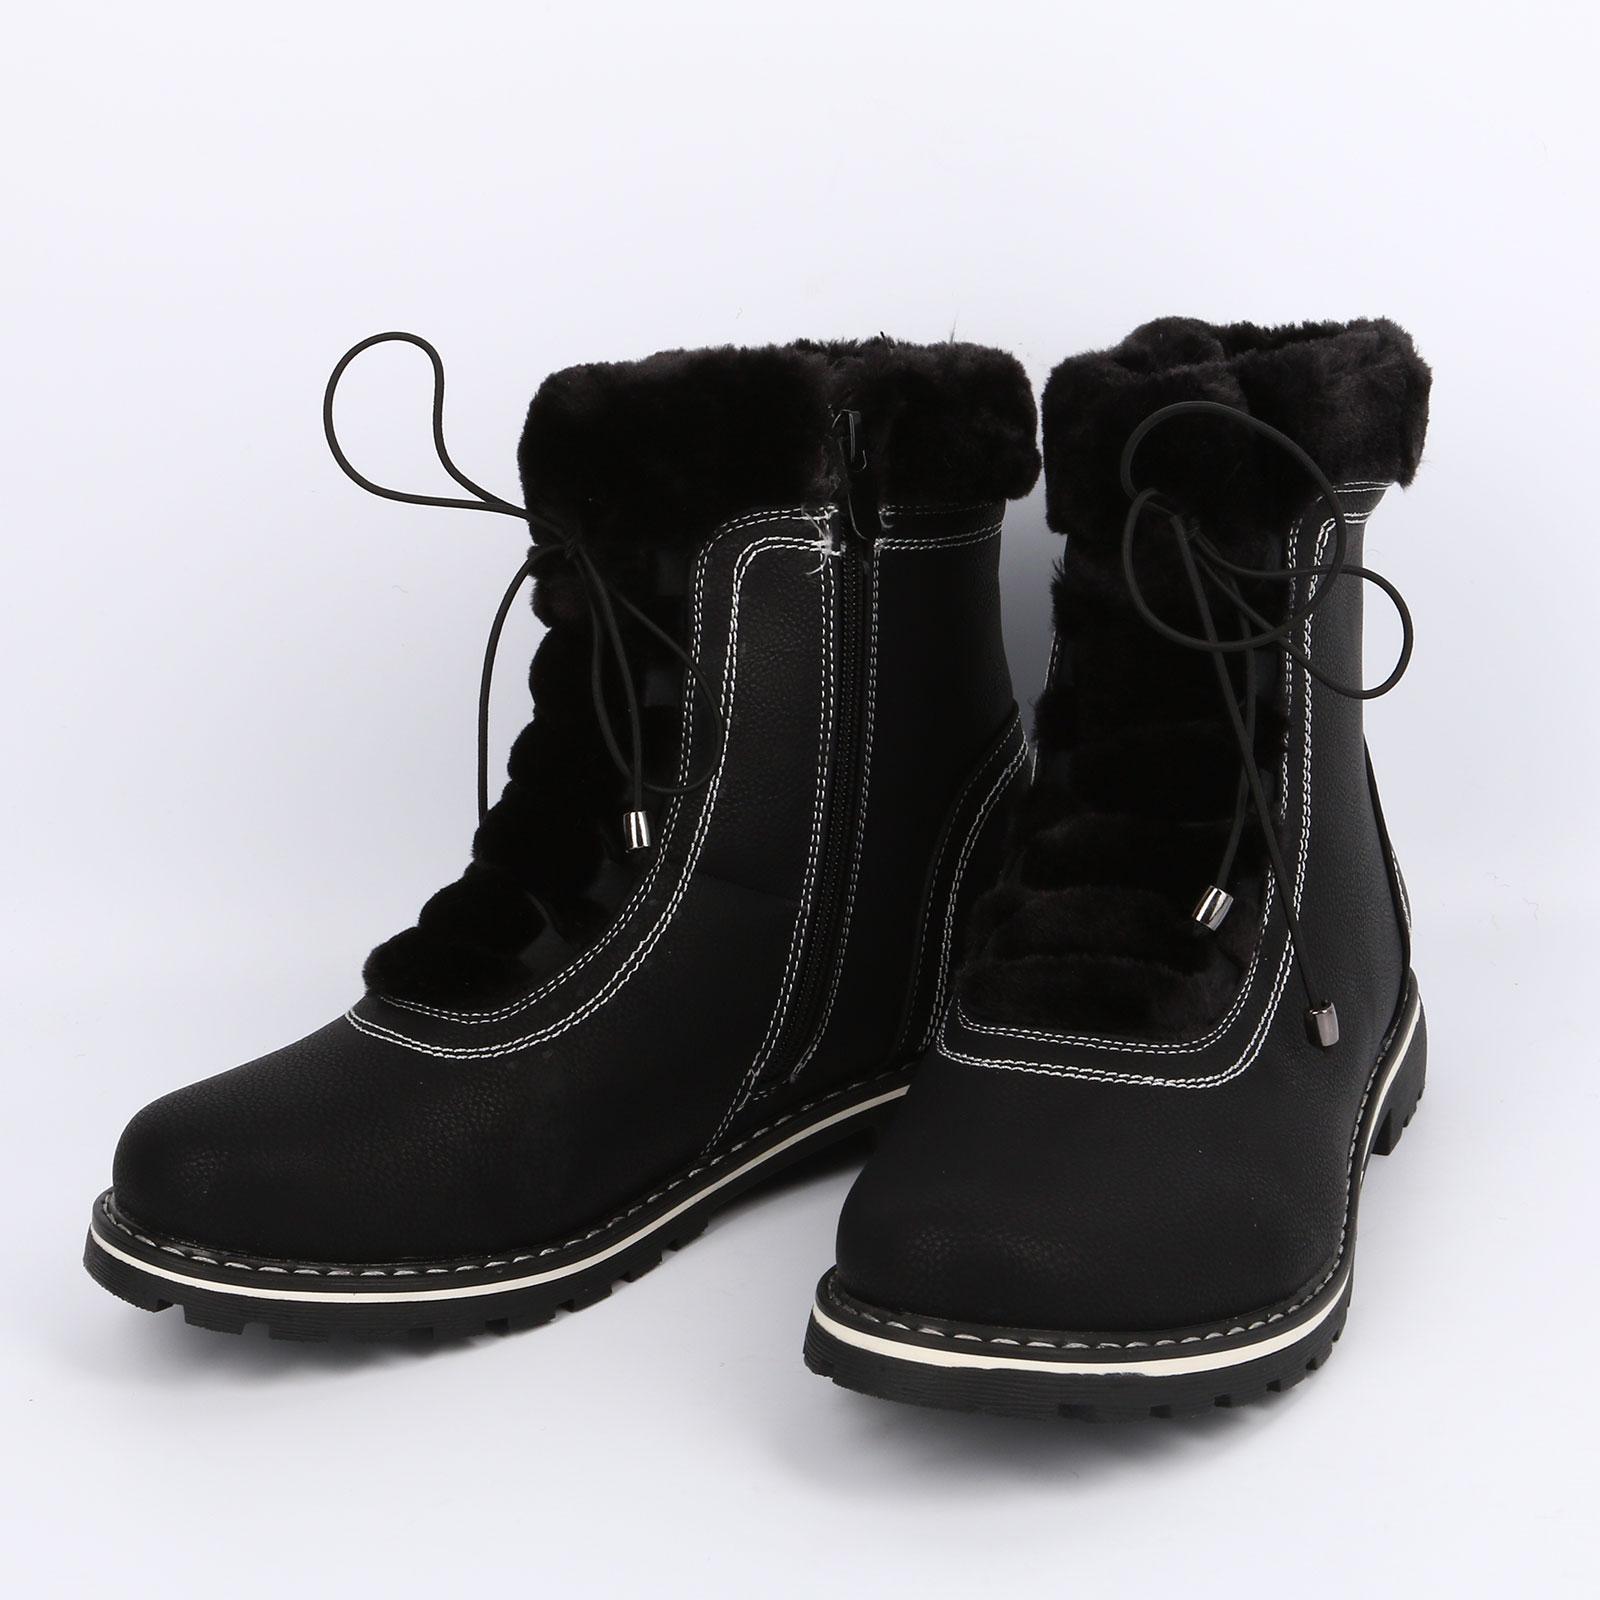 Женские зимние ботинки с меховой опушкой